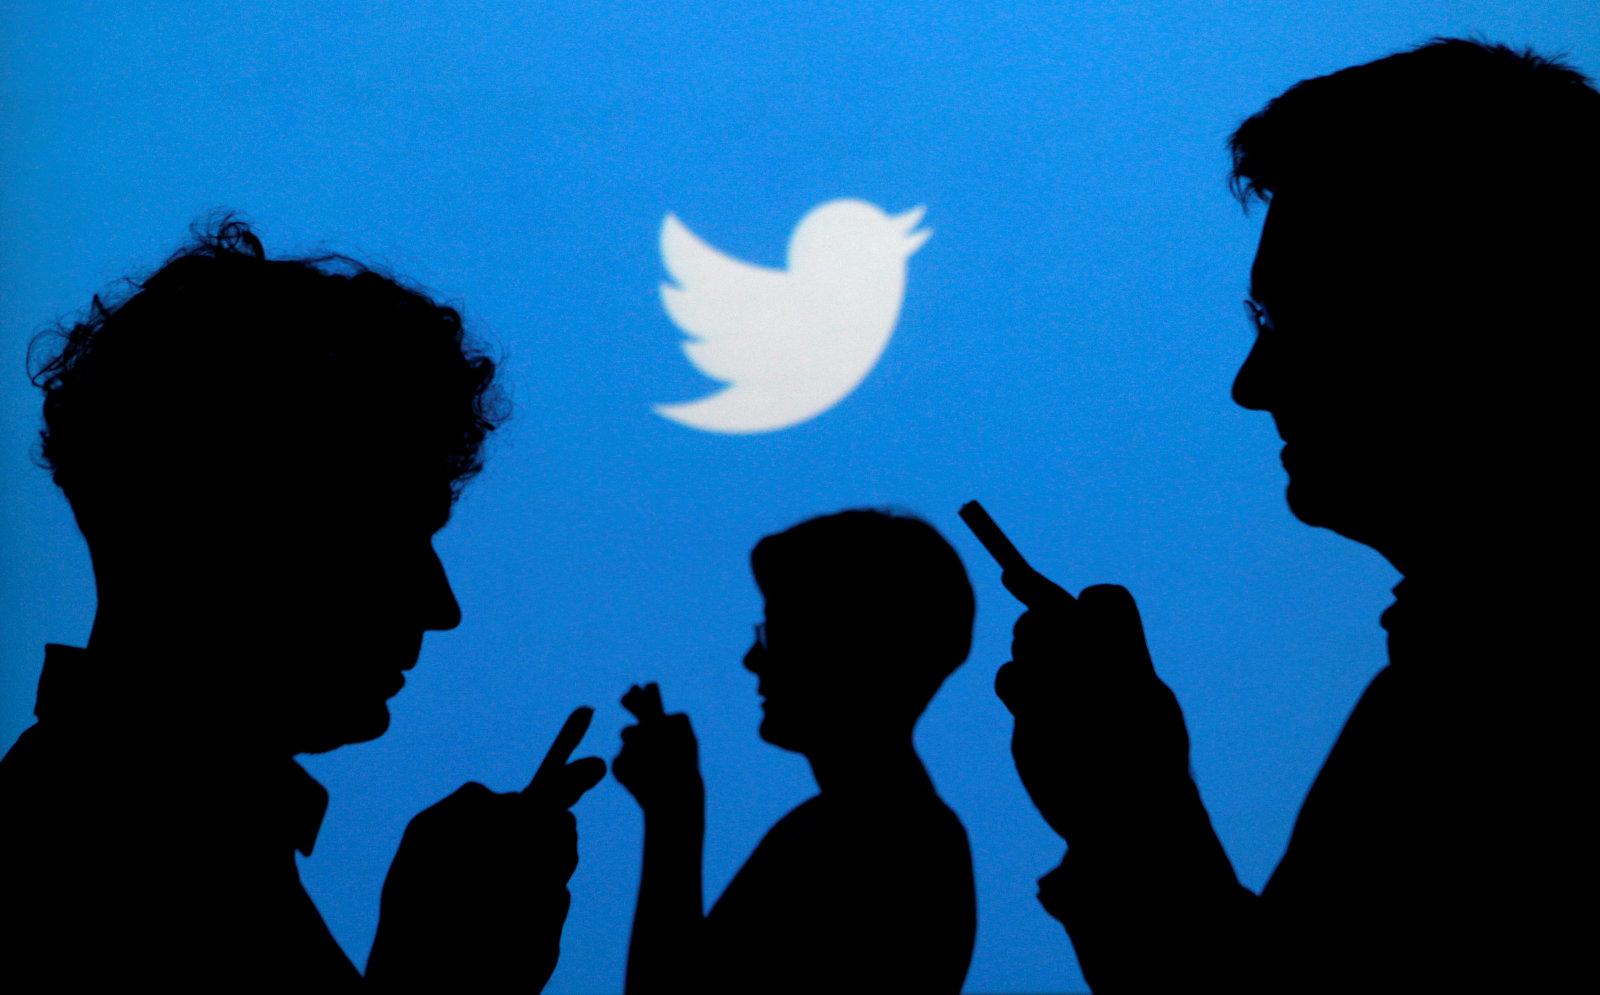 ariane alter twitter